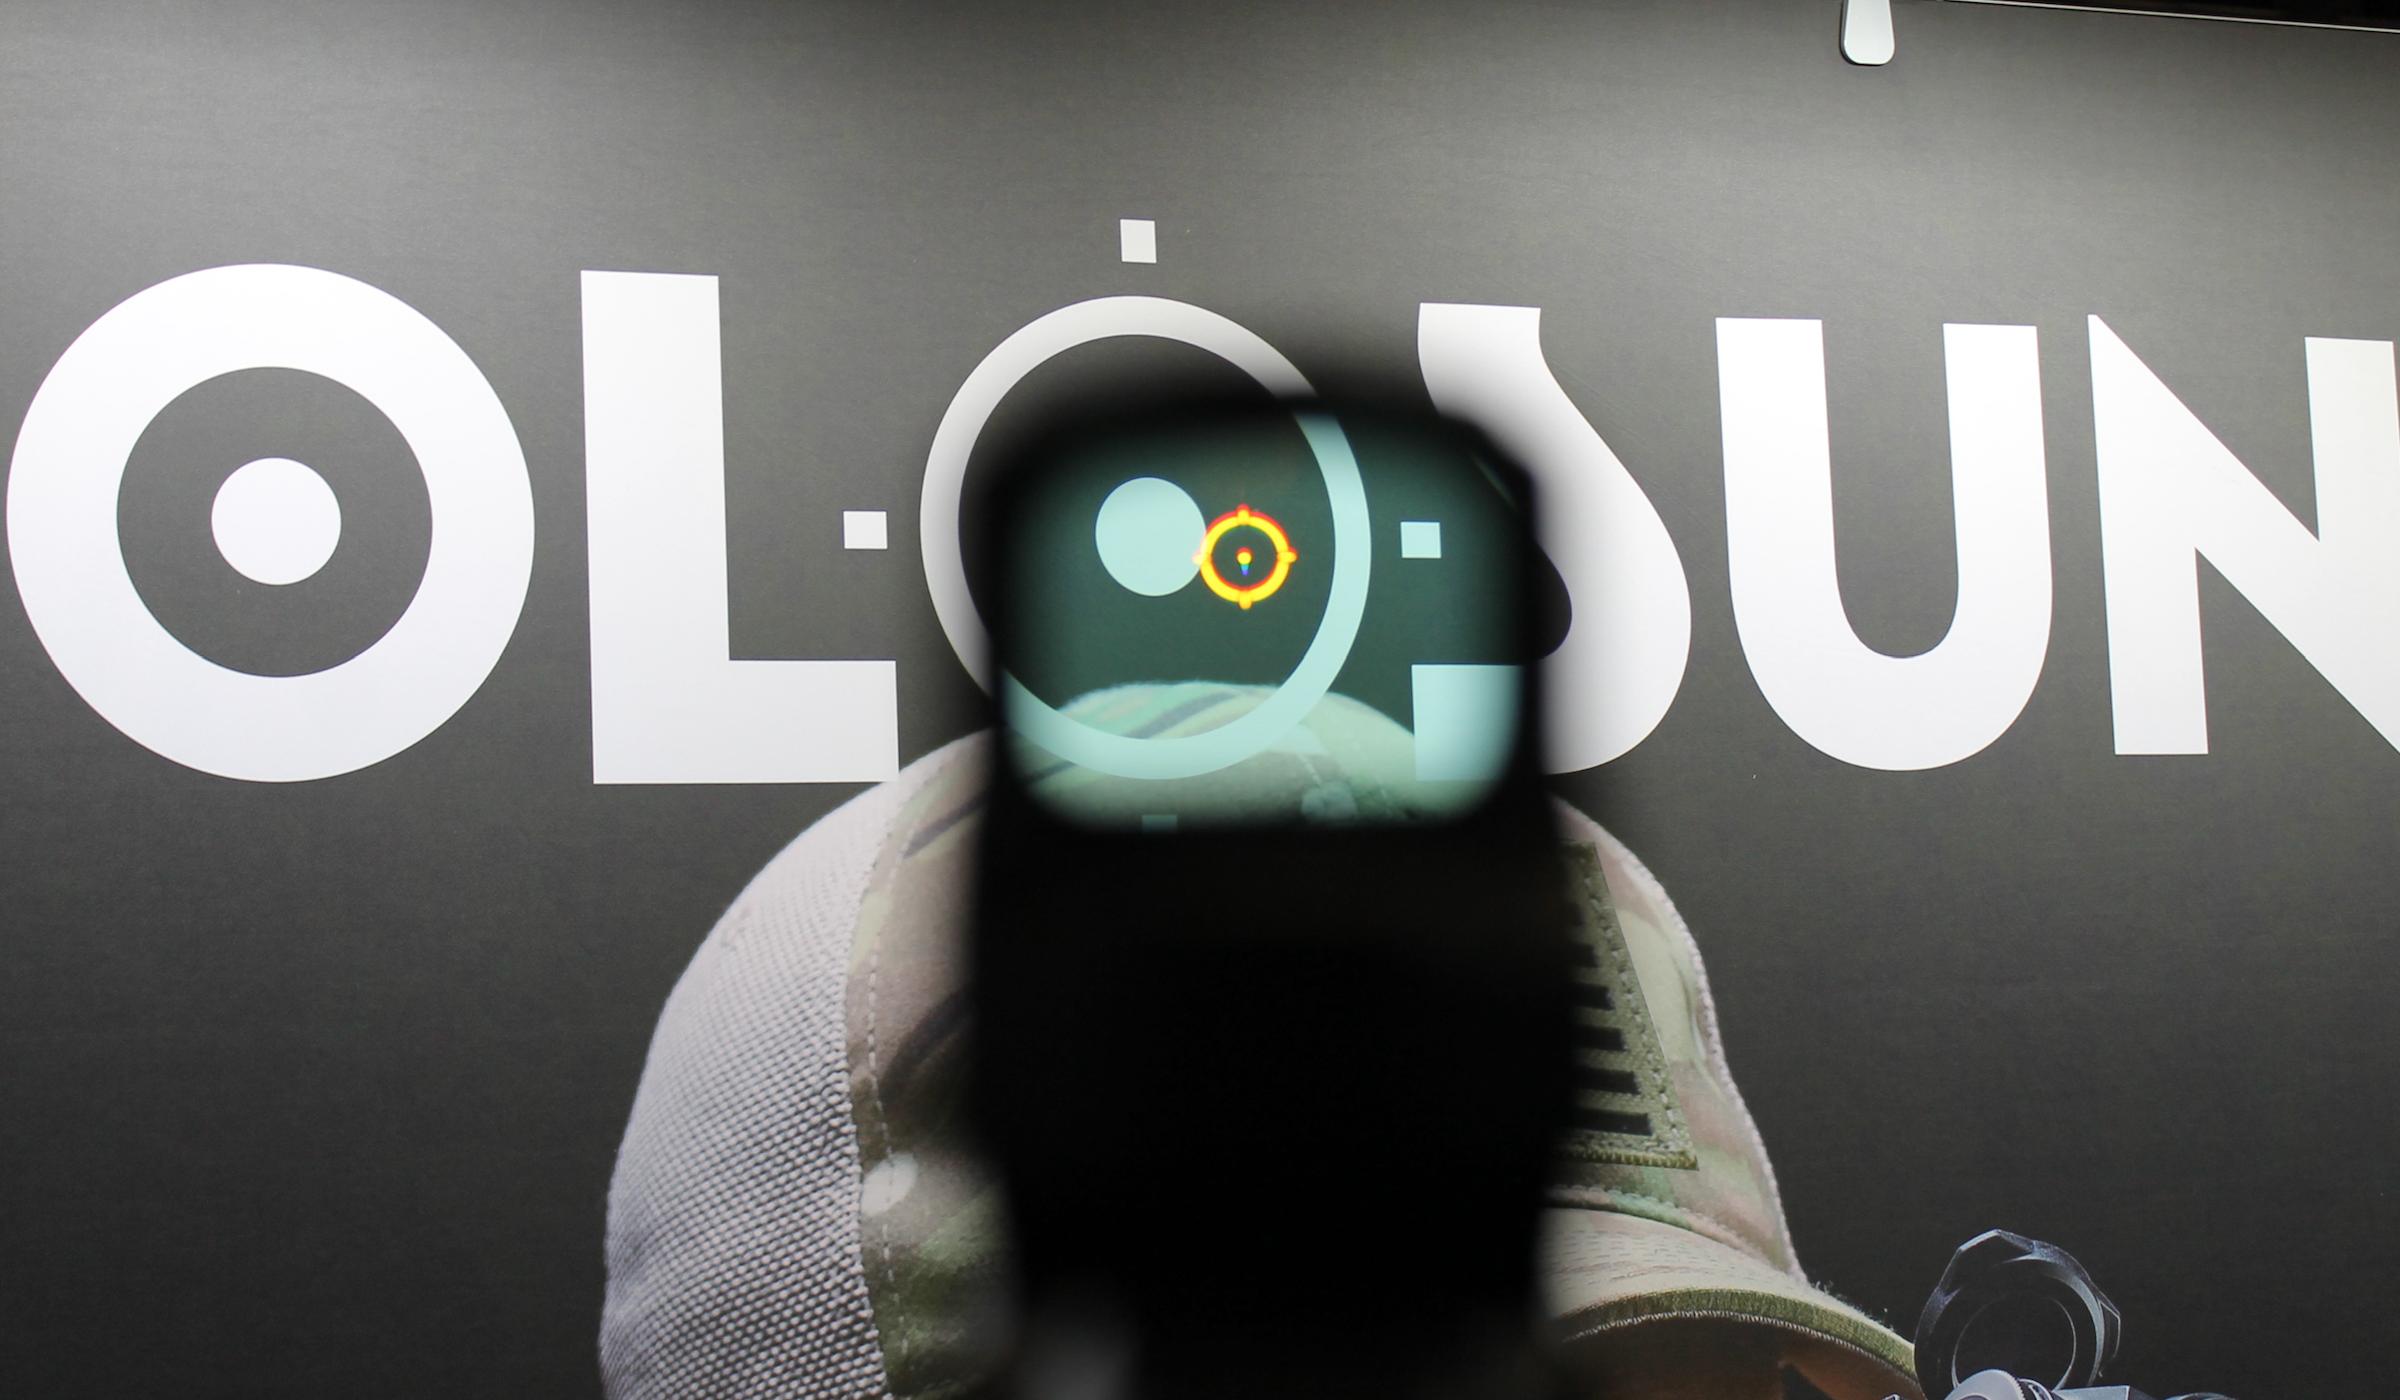 Shot Show 2019 Holosun 507c And Solar Gun Optics Shine